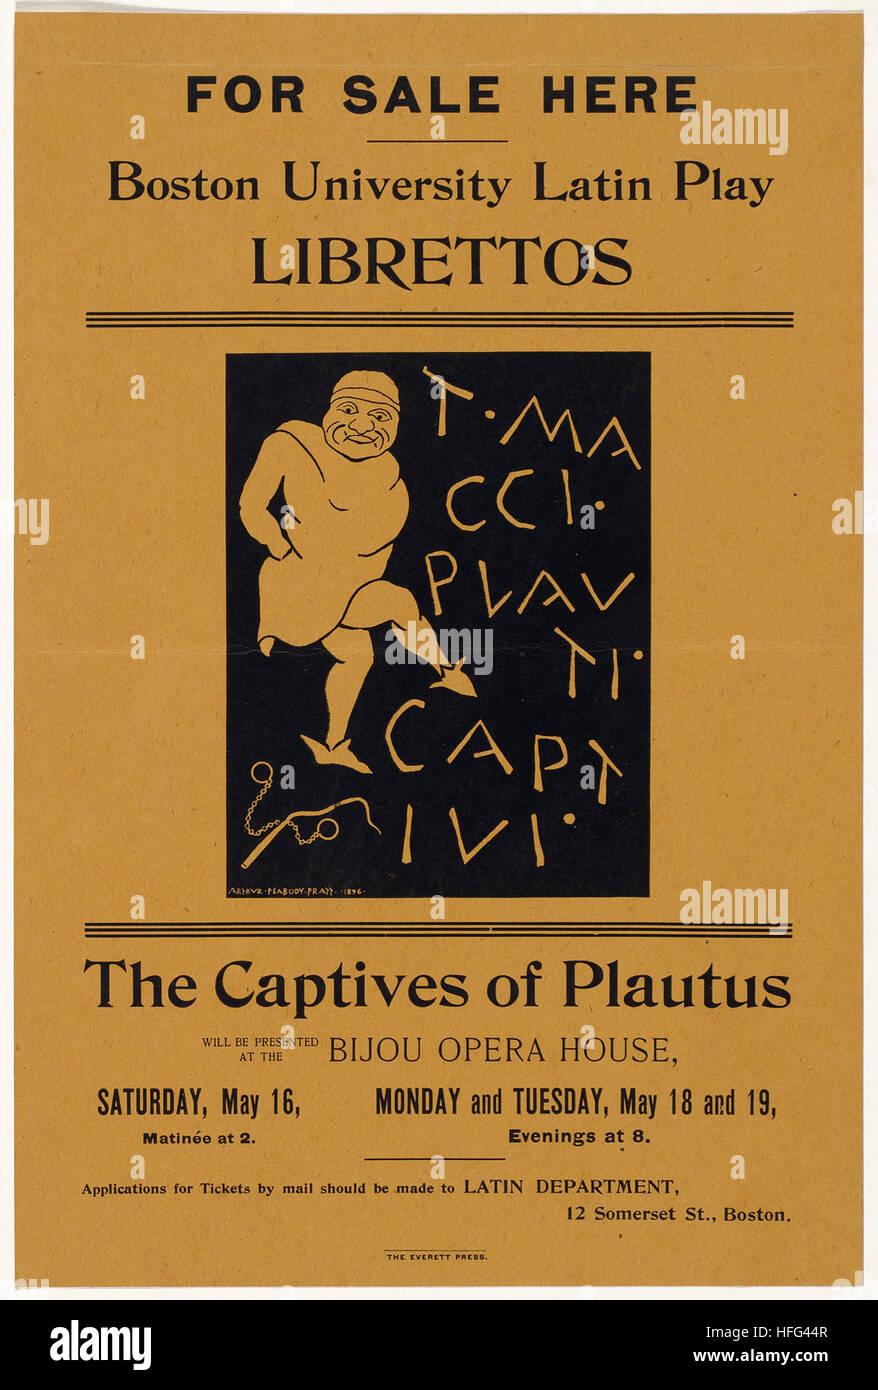 En vente ici, l'Université de Boston, l'Amérique latine jouer librettos captifs de Plaute Photo Stock